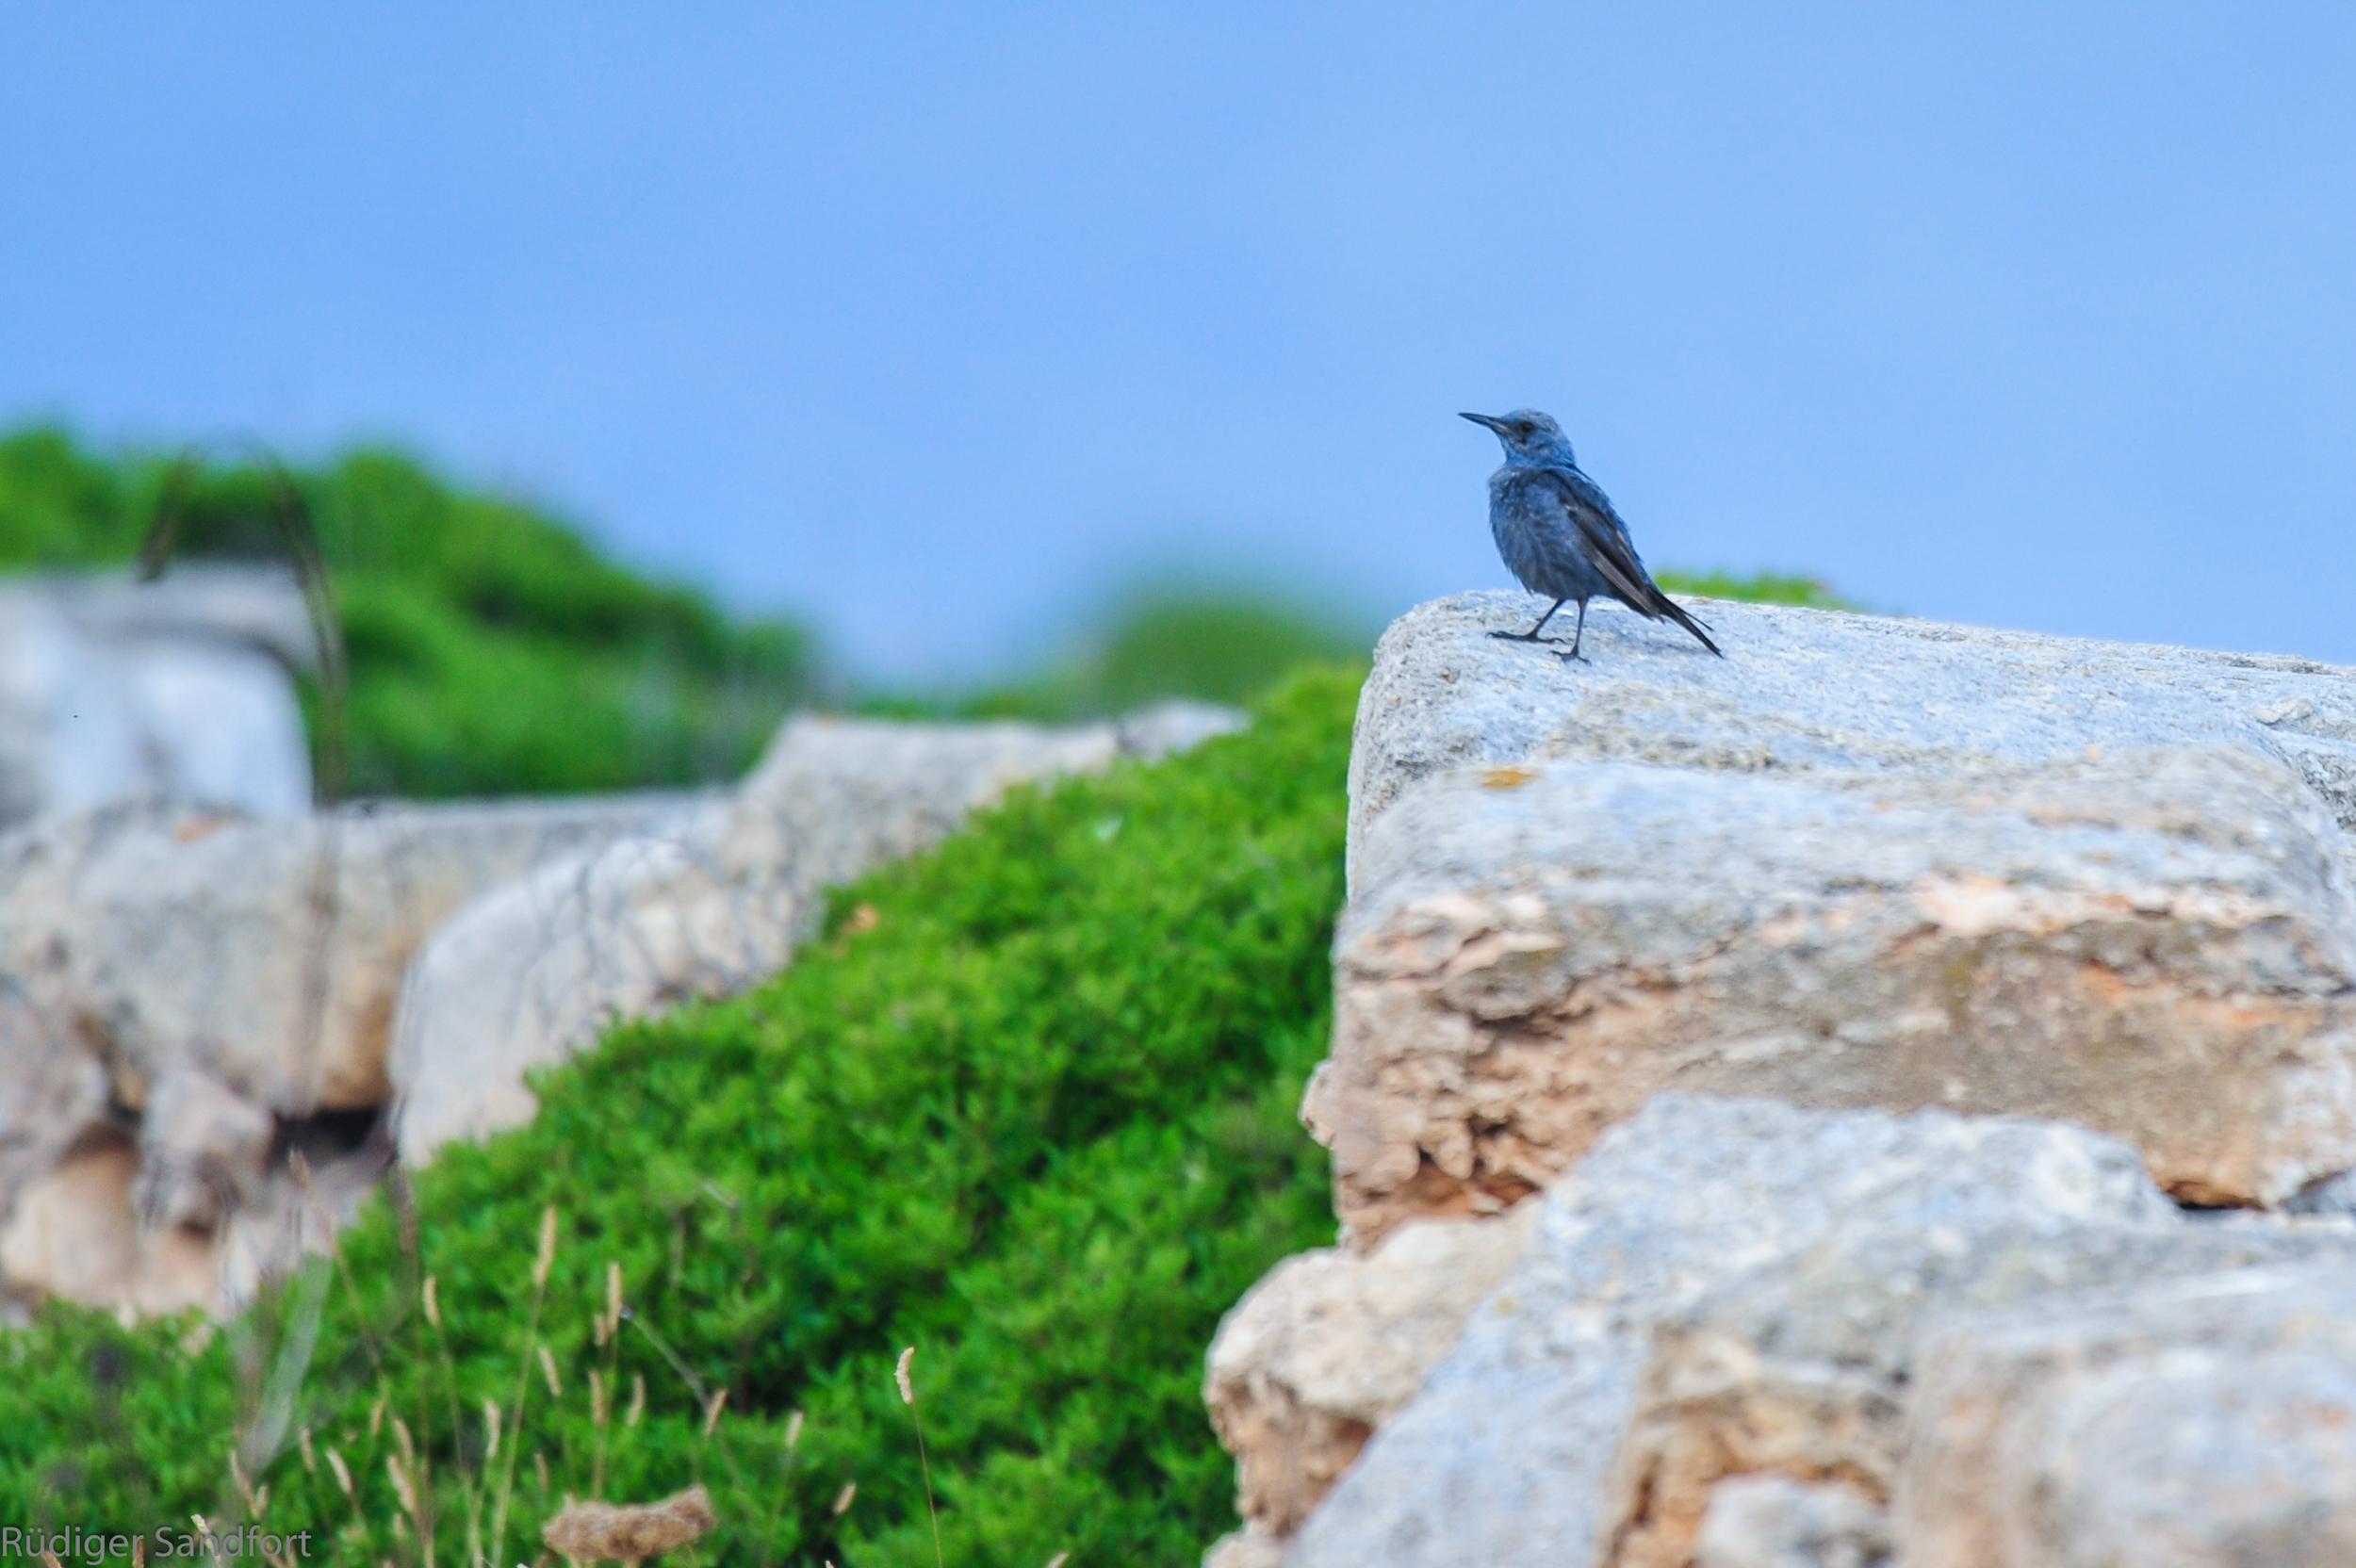 Blue Rock Thrush / Blaumerle